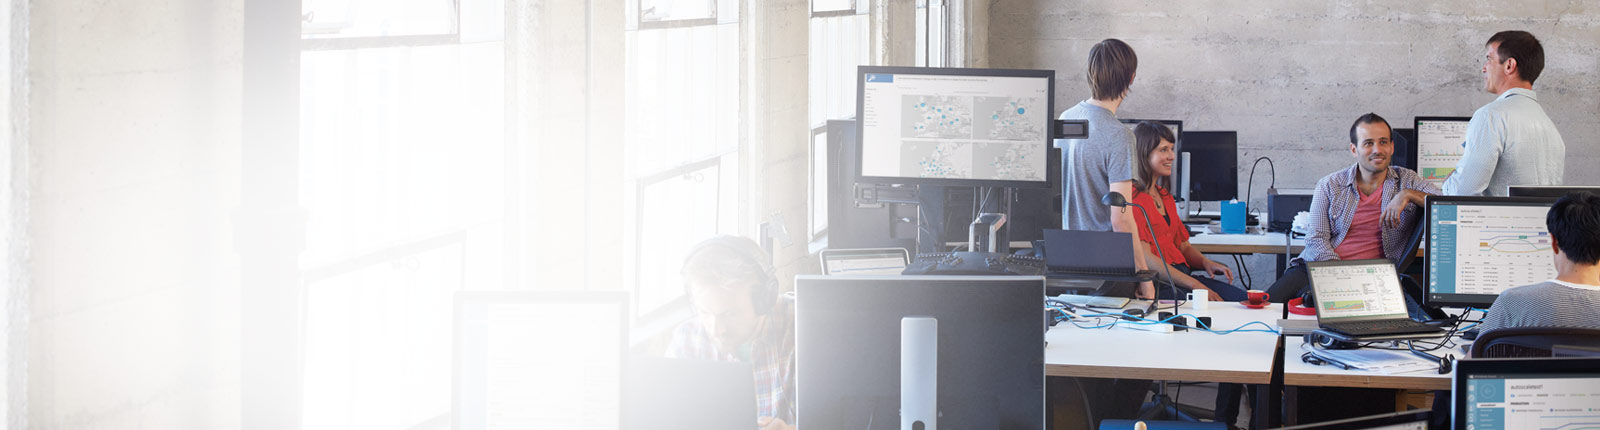 Pet osoba radi za svojim radnim stolovima u uredu i koriste Office 365.